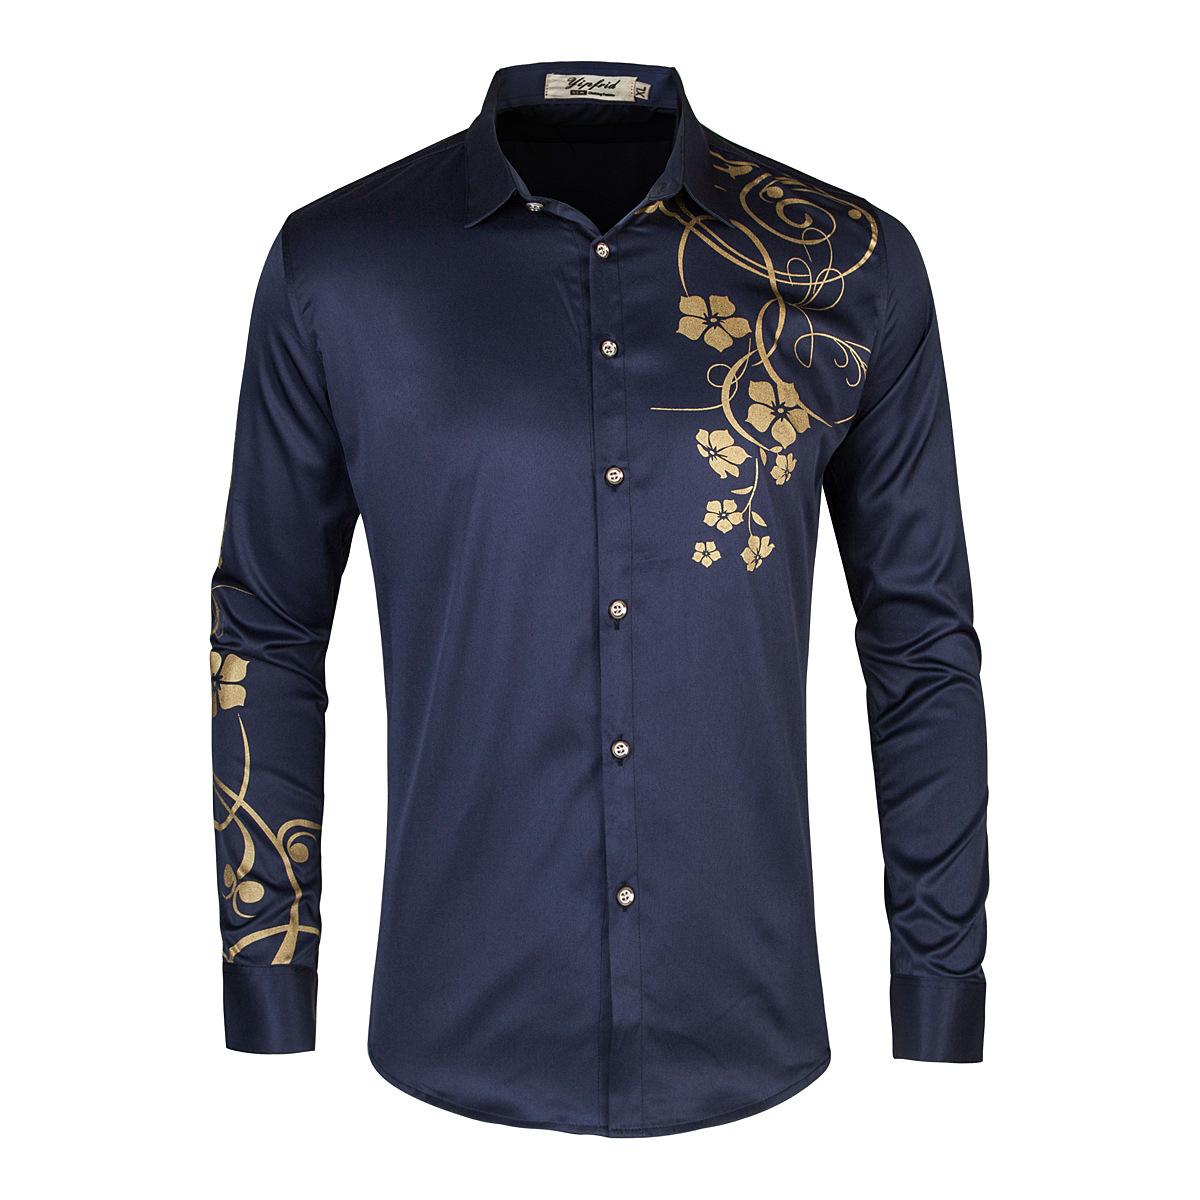 2020春夏新款男士气质低调时尚潮流印花衬衣百搭长袖衬衫C256P45